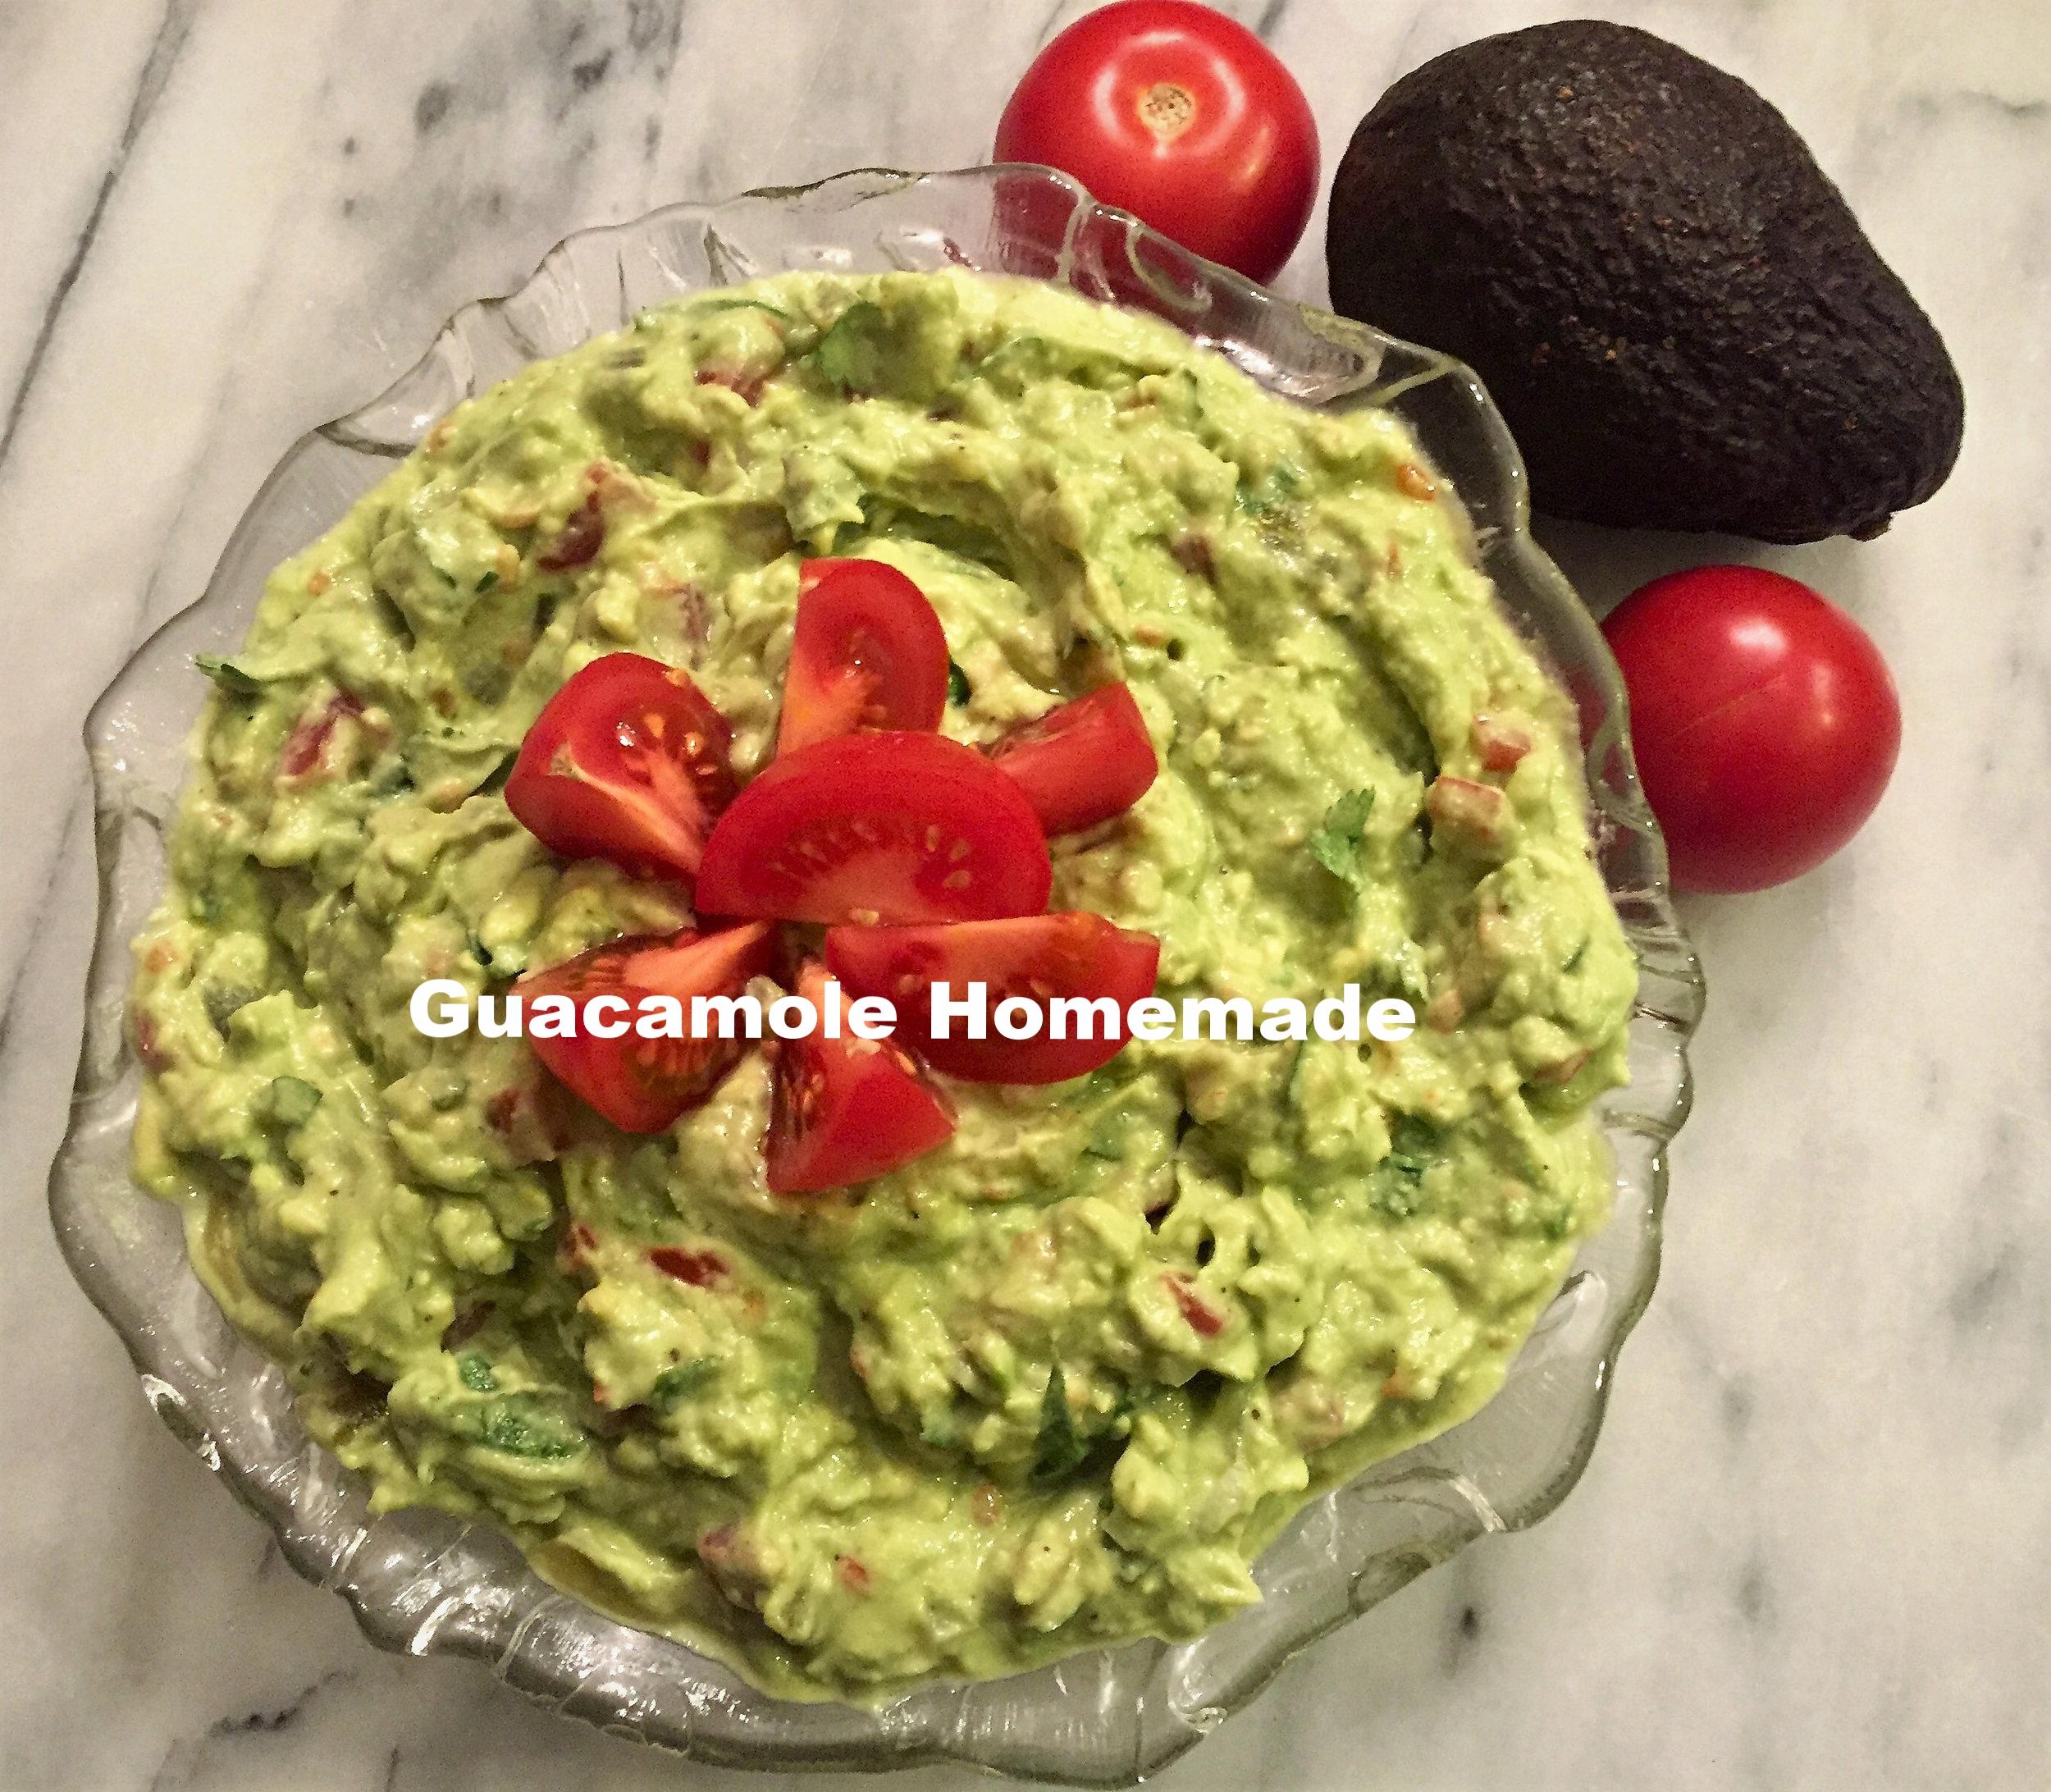 Guacomole Homemade.jpg